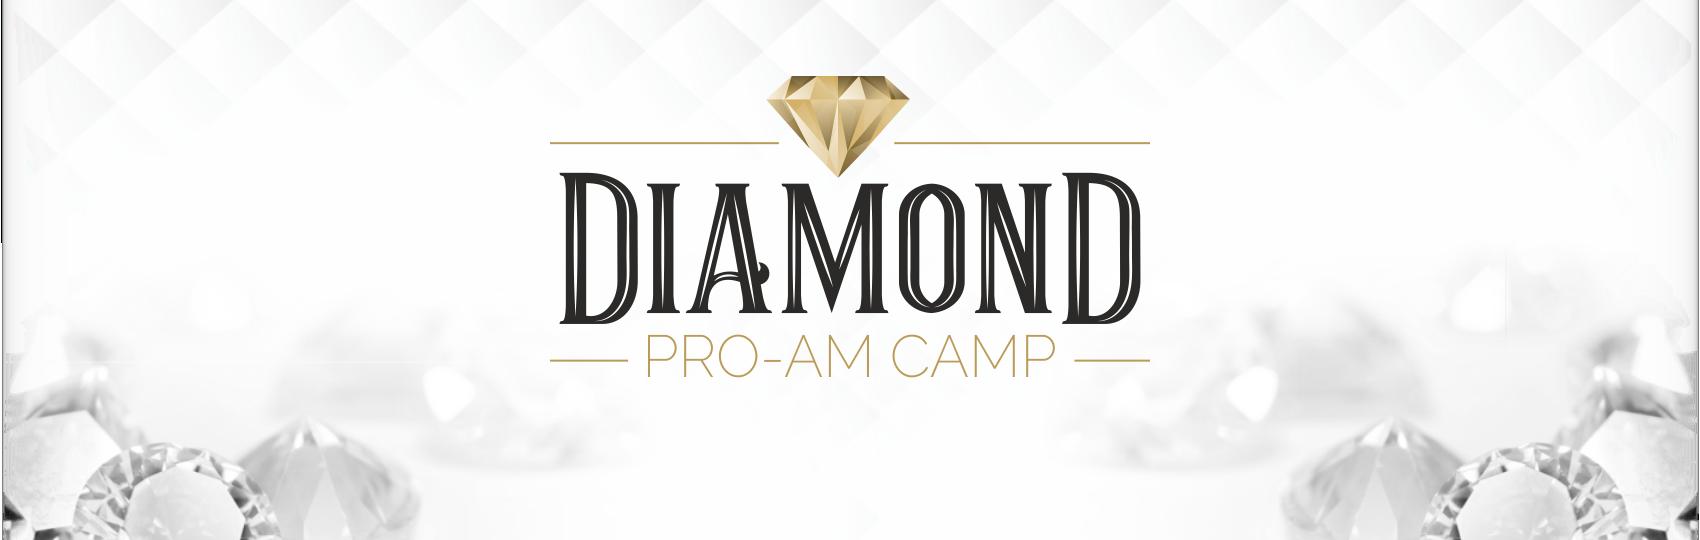 Diamond Pro-Am Camp